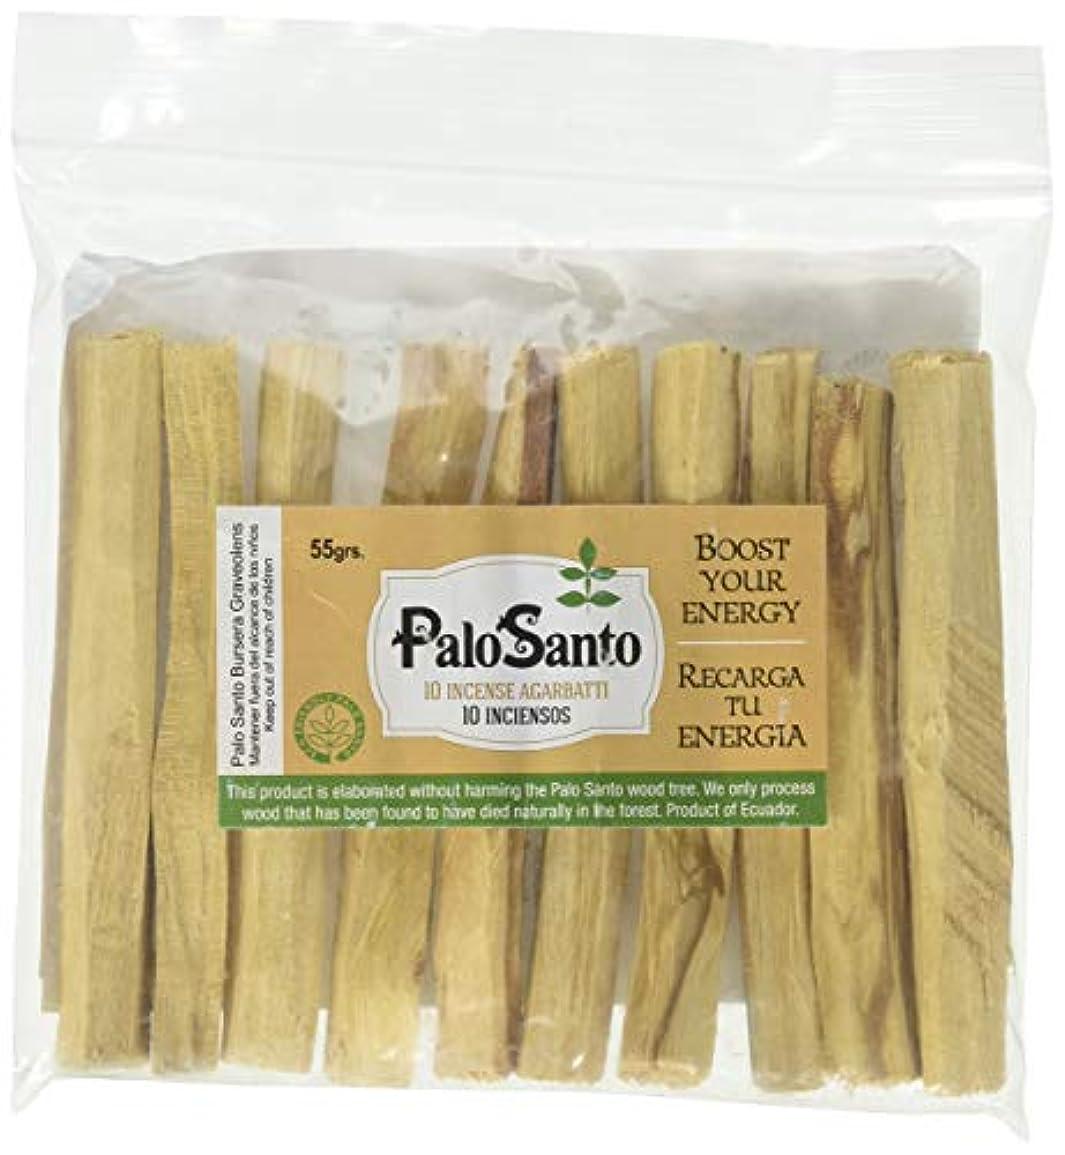 恐竜ハント変えるプレミアムAuthenticエクアドルkiln-dried Palo Santo ( Holy Wood ) Insence Sticks ( 10 )、野生の収穫、100 %自然のPurifying、クレンジング、ヒーリング...